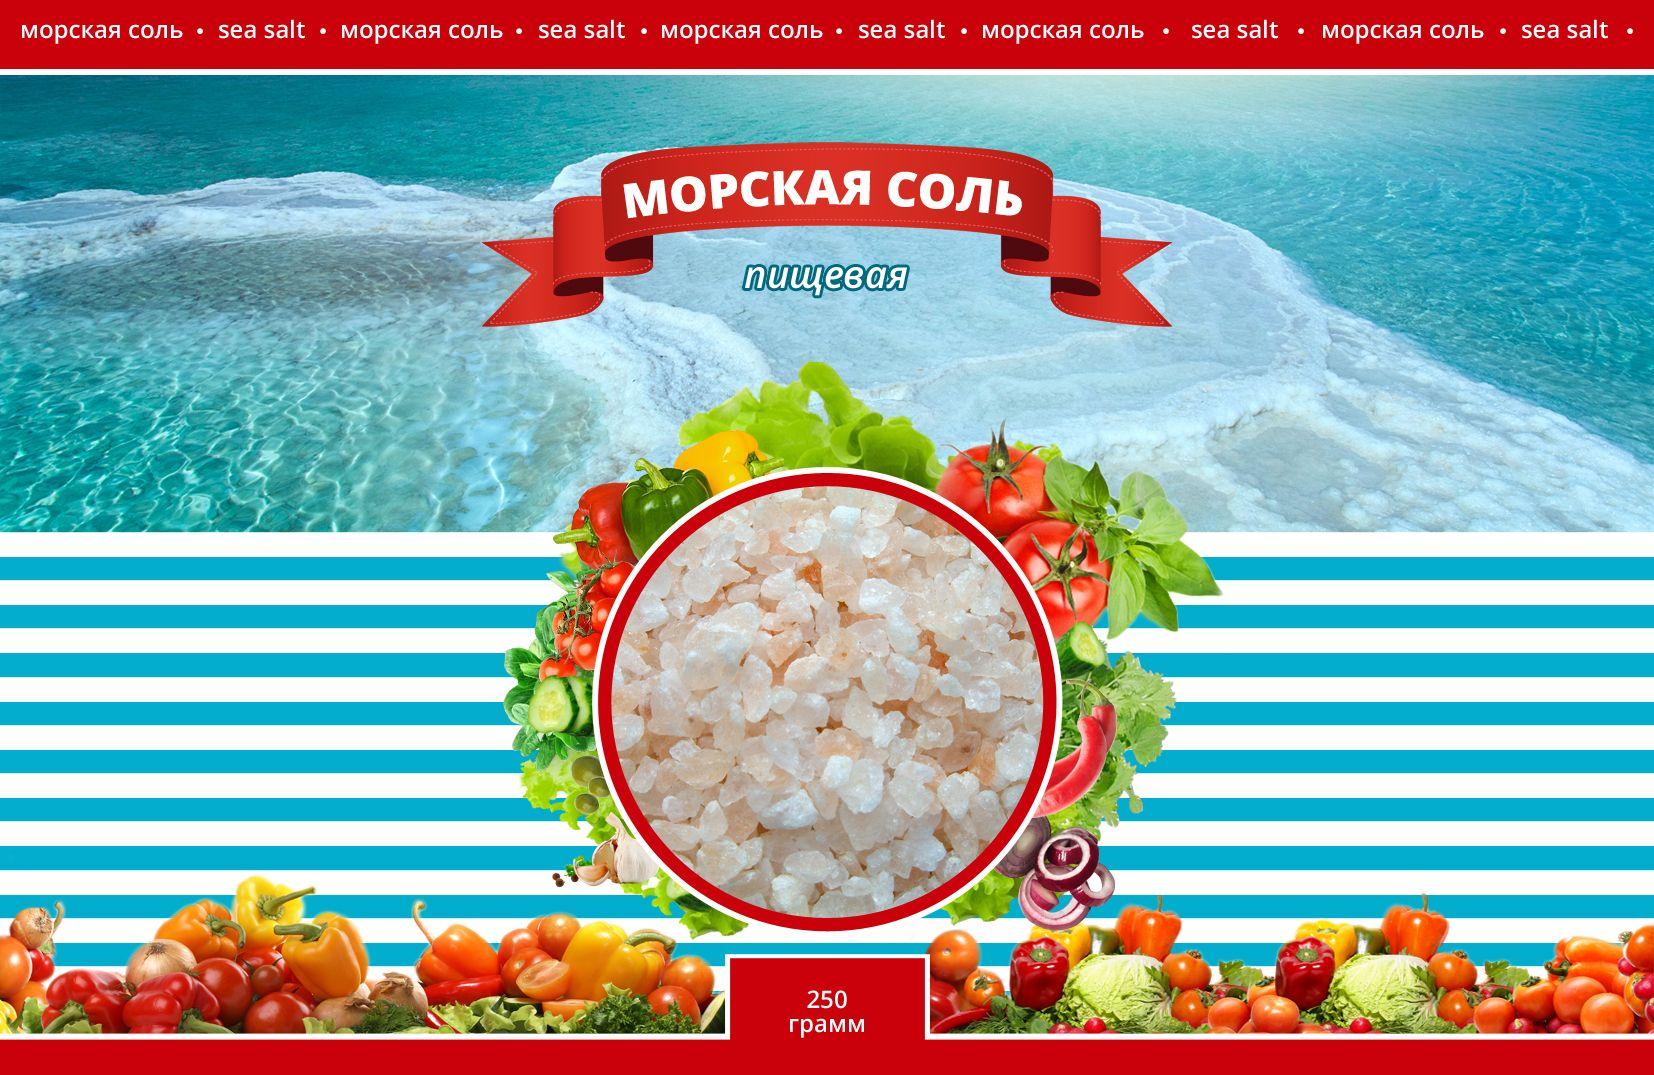 Дизайн этикетки для соли пищевой морской  - дизайнер andyul